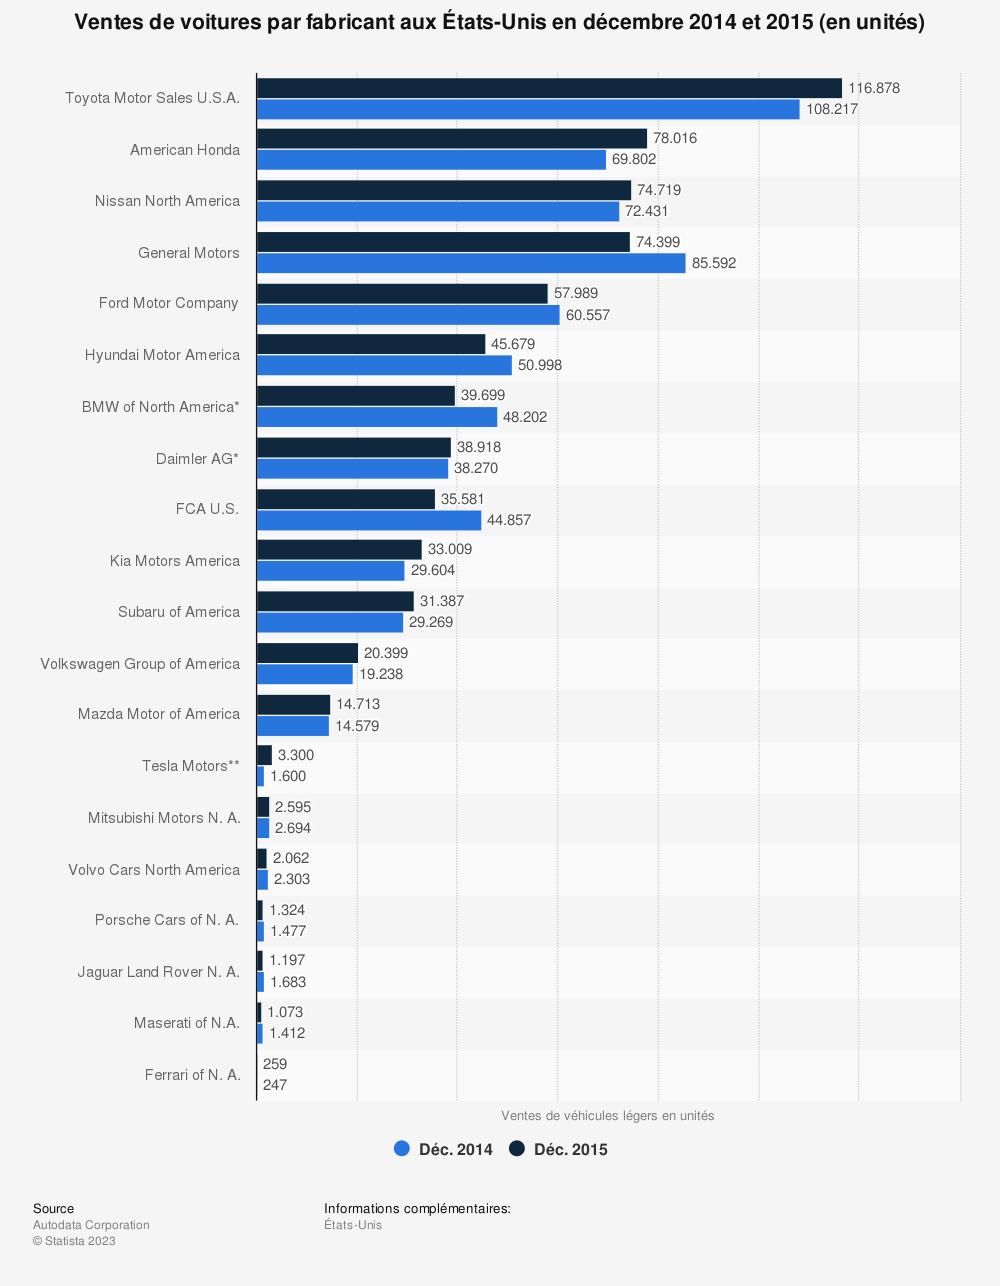 Statistique: Ventes de voitures par fabricant aux États-Unis en décembre 2014 et 2015 (en unités) | Statista